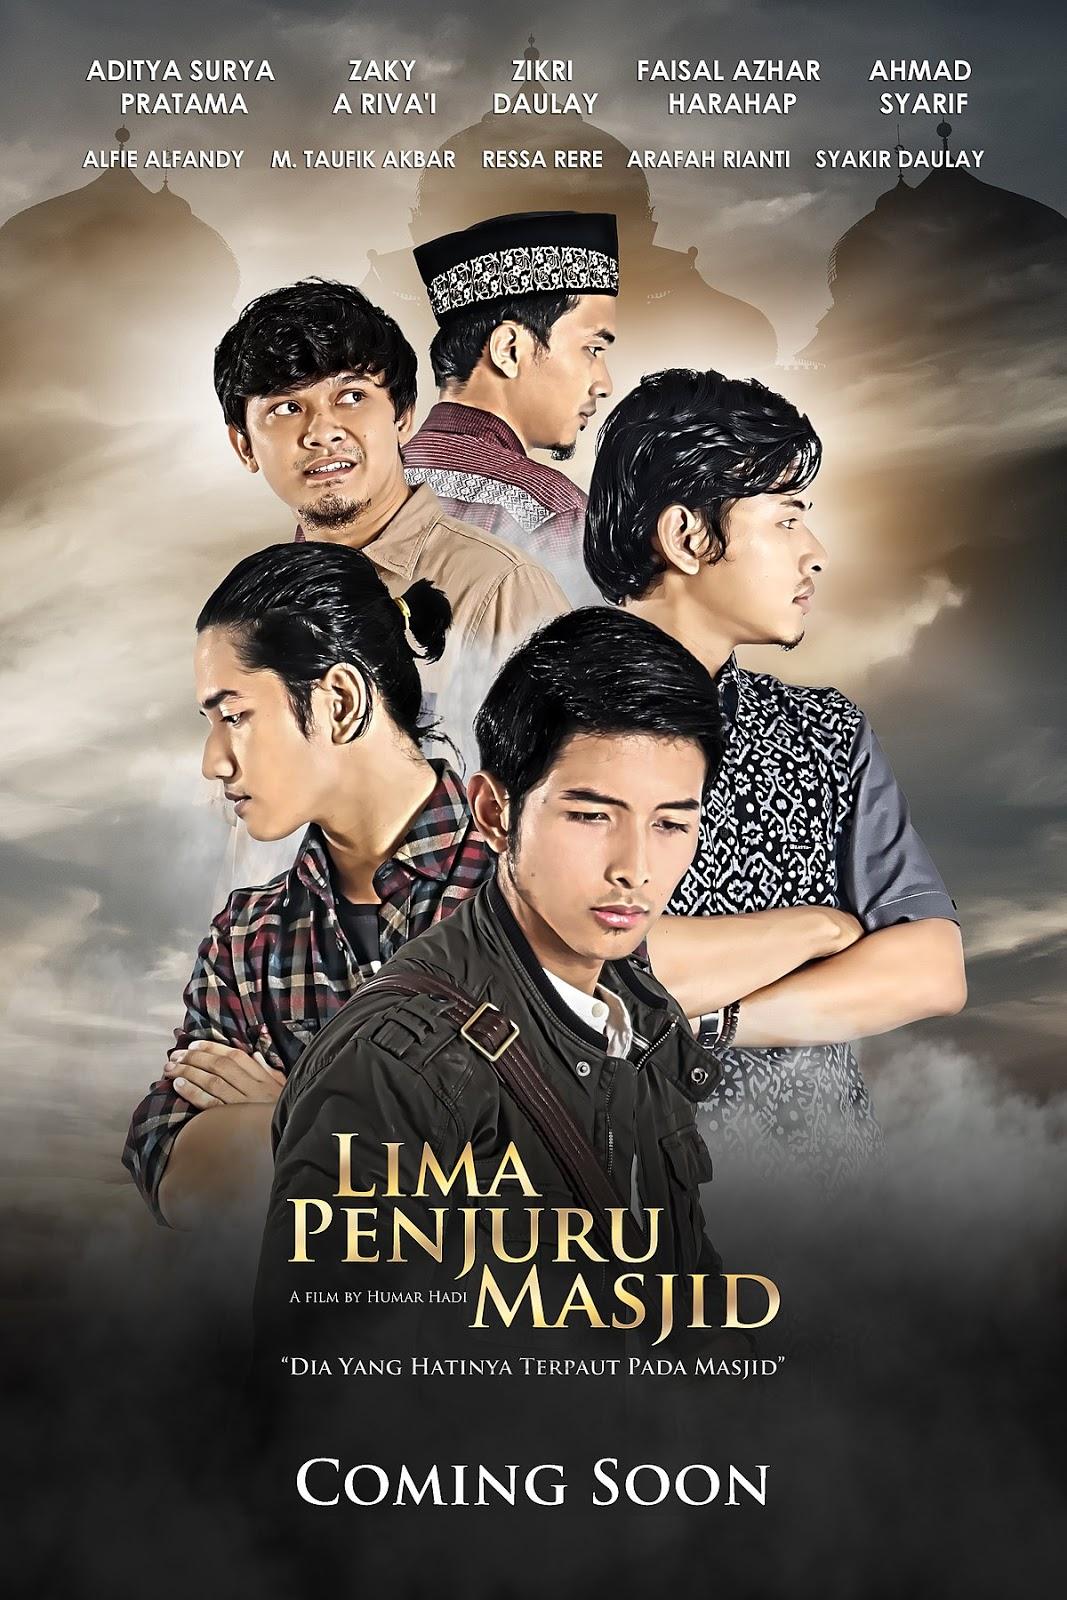 40+ Daftar Film Indonesia Terbaru 2018 + Sinopsis Singkat